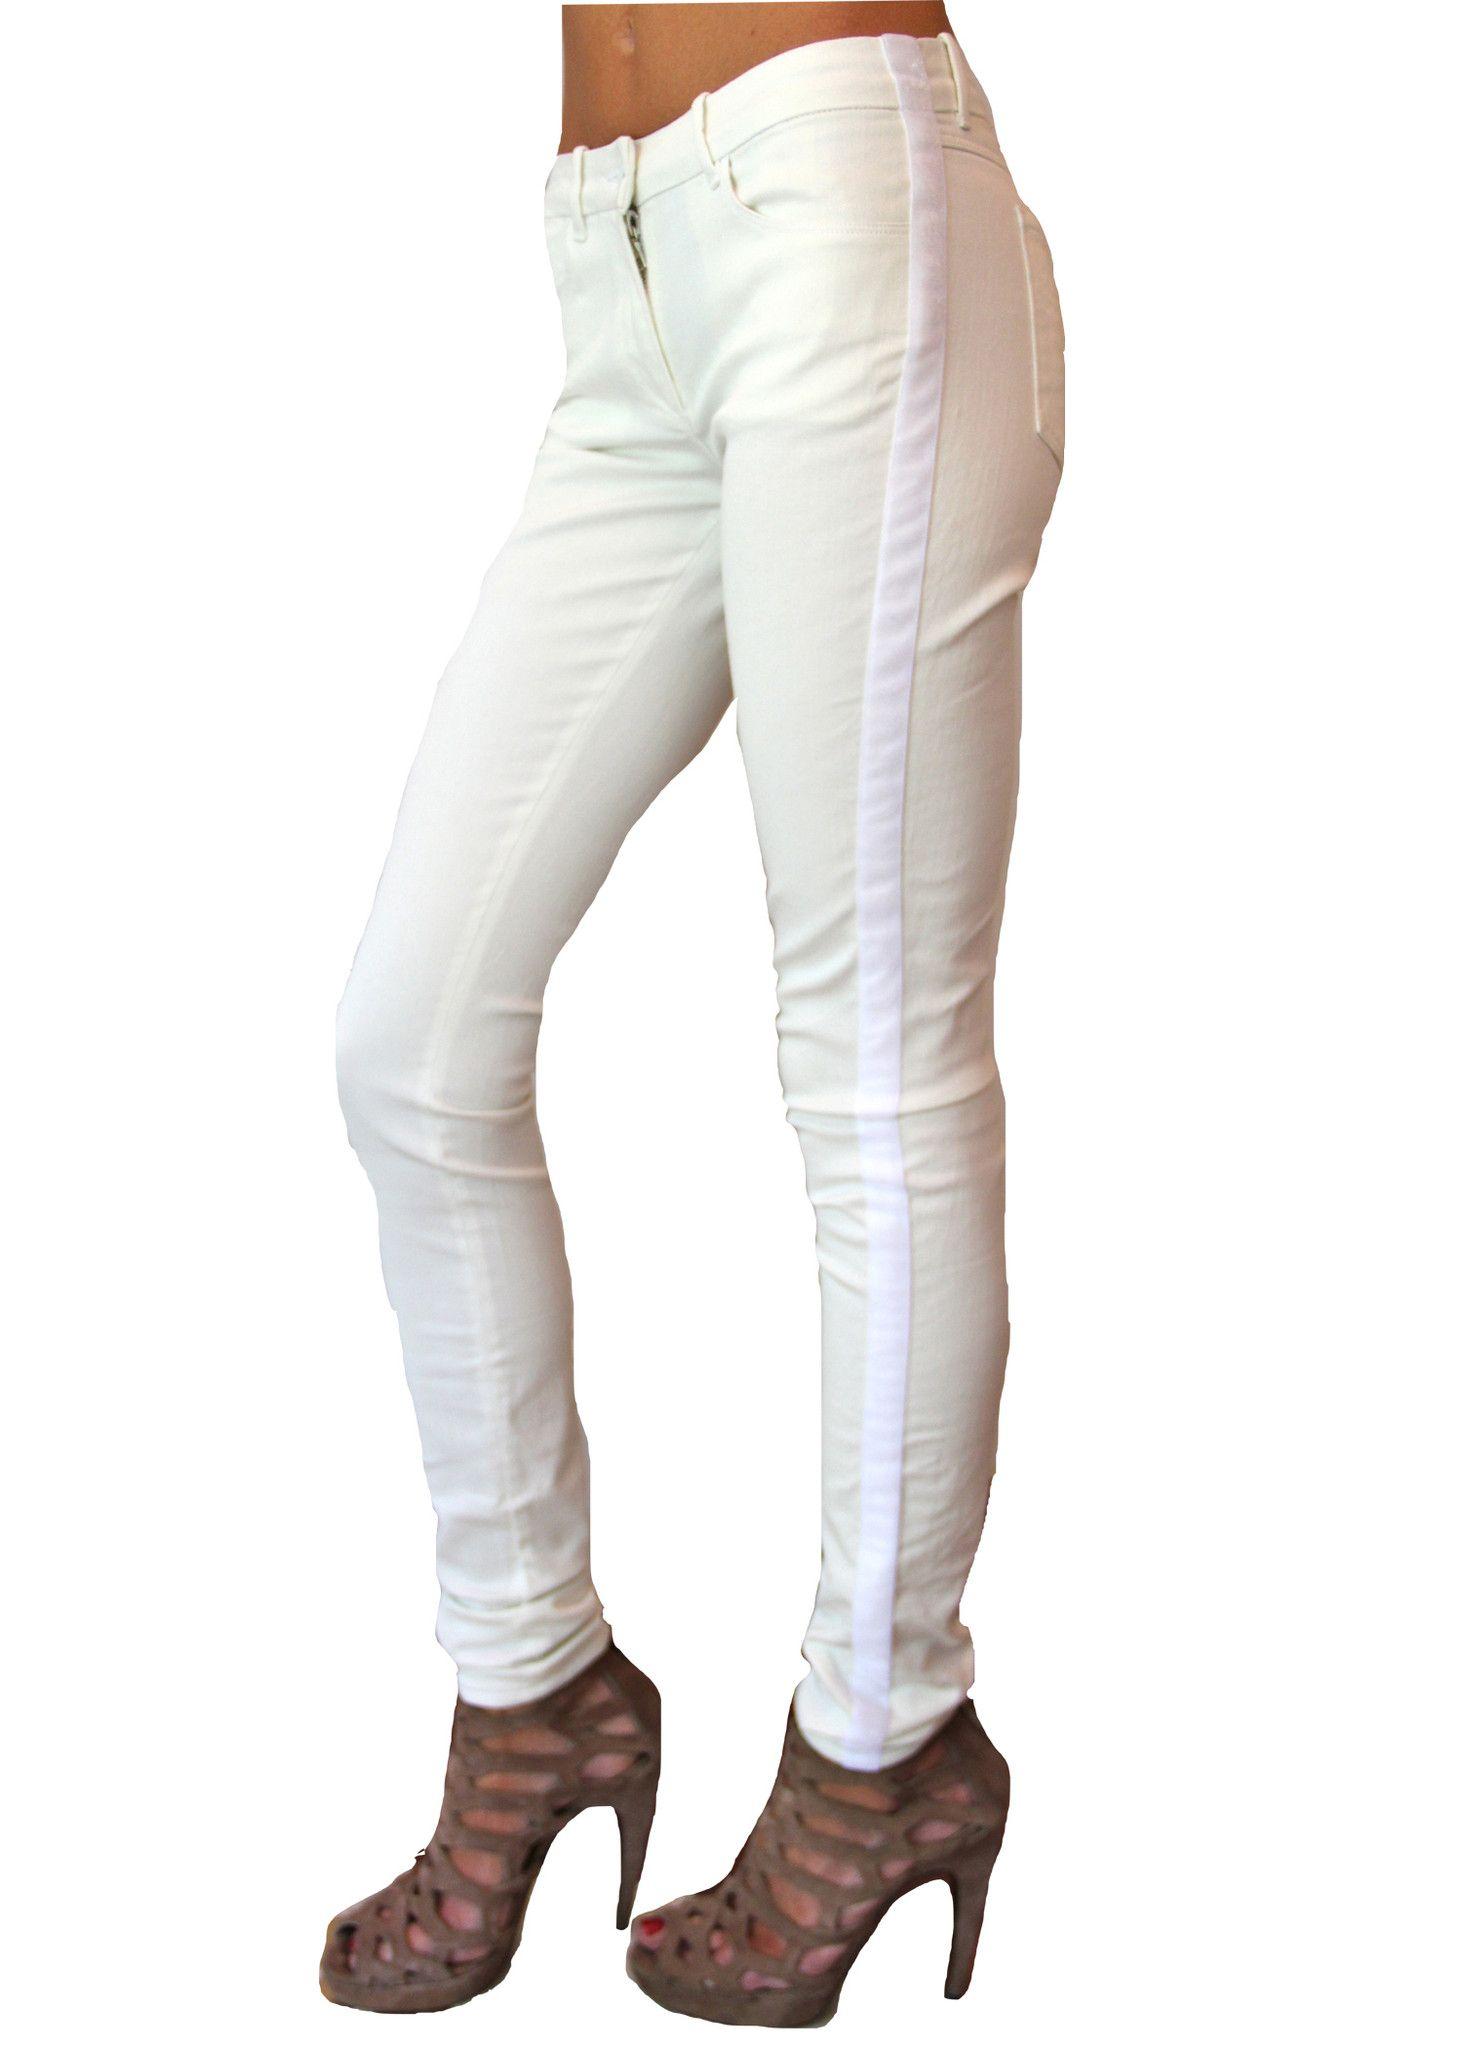 3x1 - Low Rise Tuxedo jean with white Tuxedo Strip- Style W1.16.45